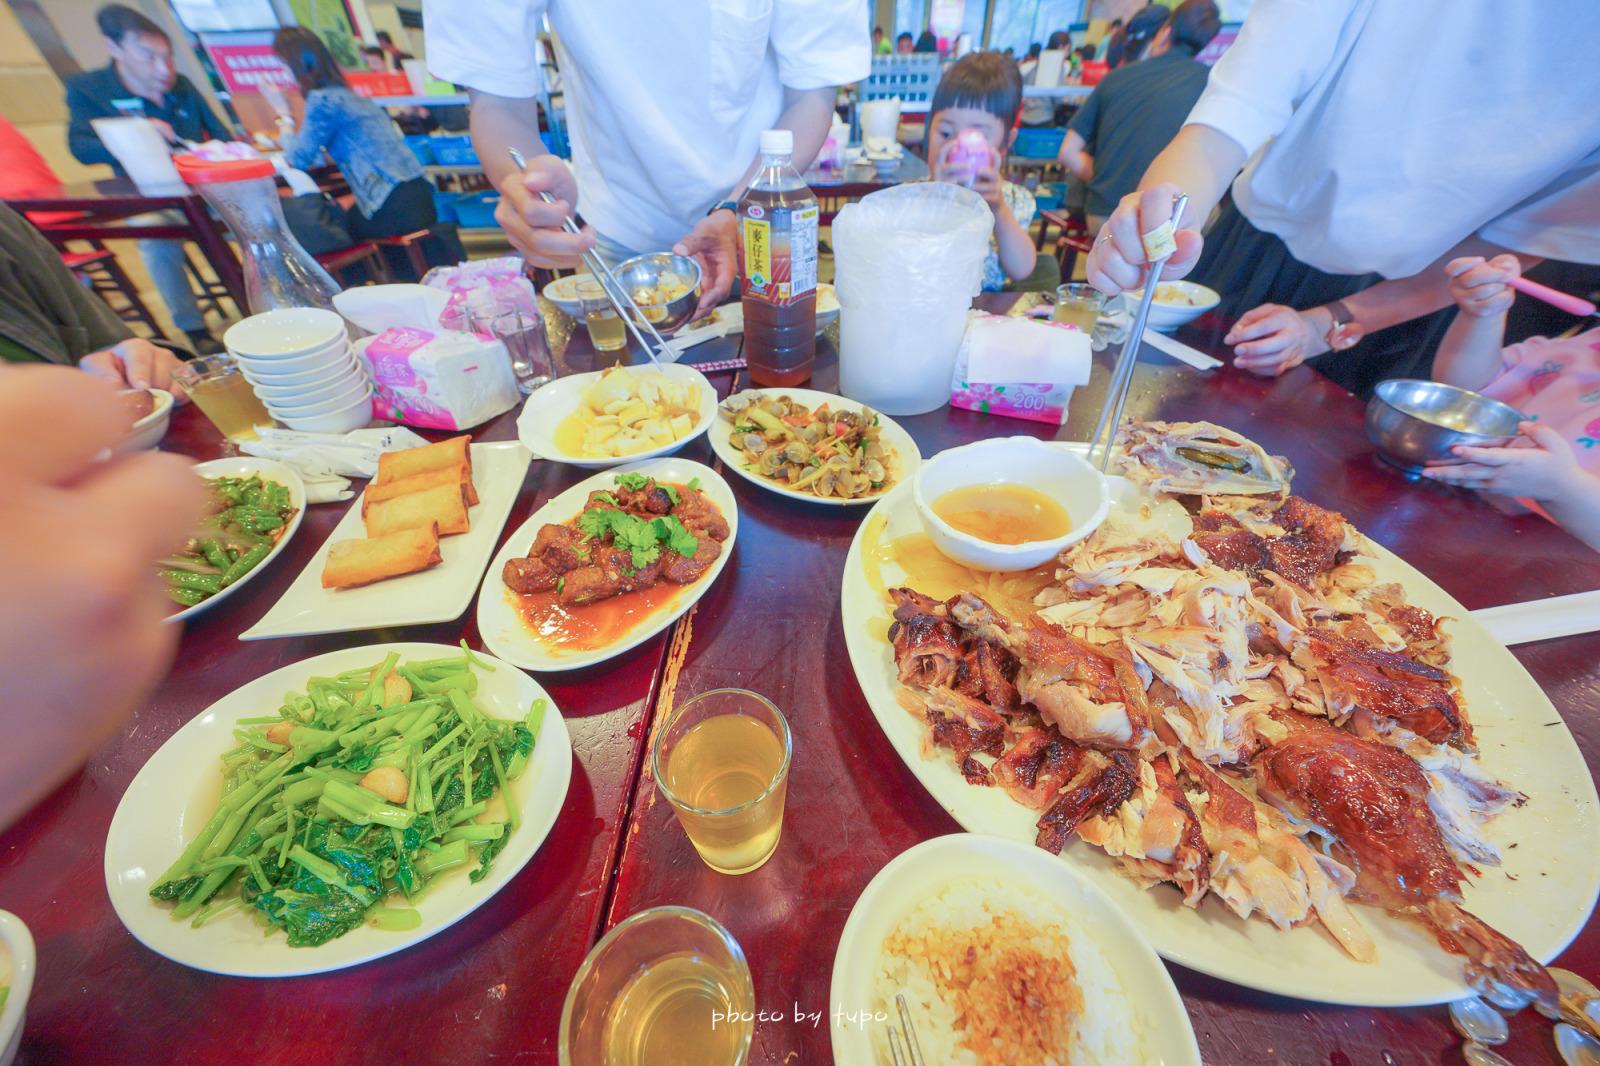 蘇澳美食推薦》番割田甕缸雞,脆皮多汁的烤雞搭古早味雞油飯有夠好吃,有鑊氣的熱炒小菜,豆腐超嫩!